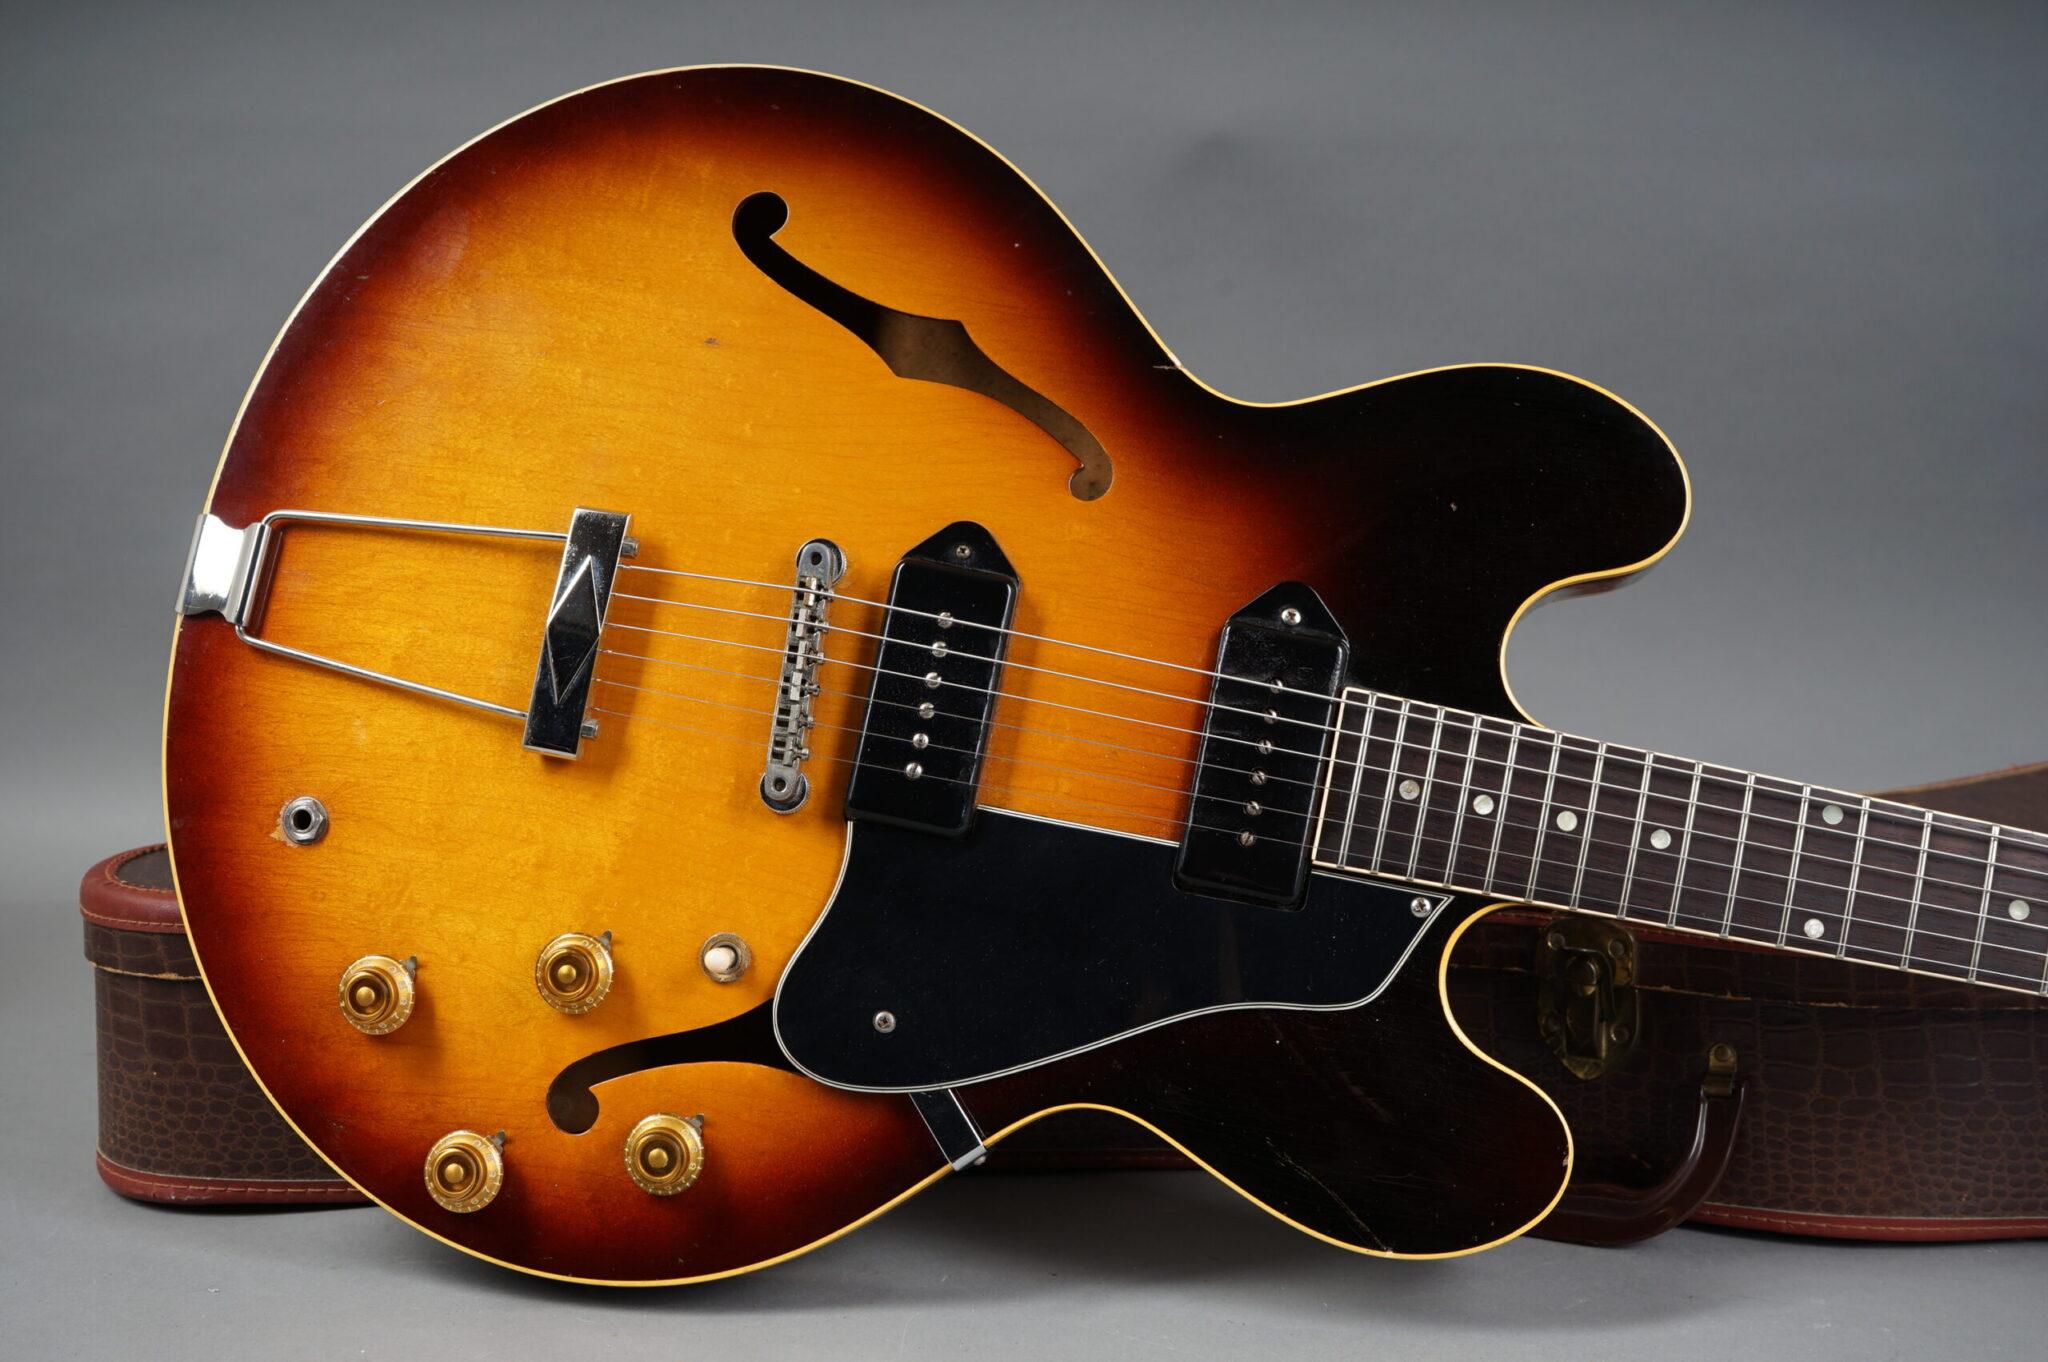 https://guitarpoint.de/app/uploads/products/1960-gibson-es-330-td-sunburst-2/1960-Gibson-ES330--scaled-2048x1362.jpg